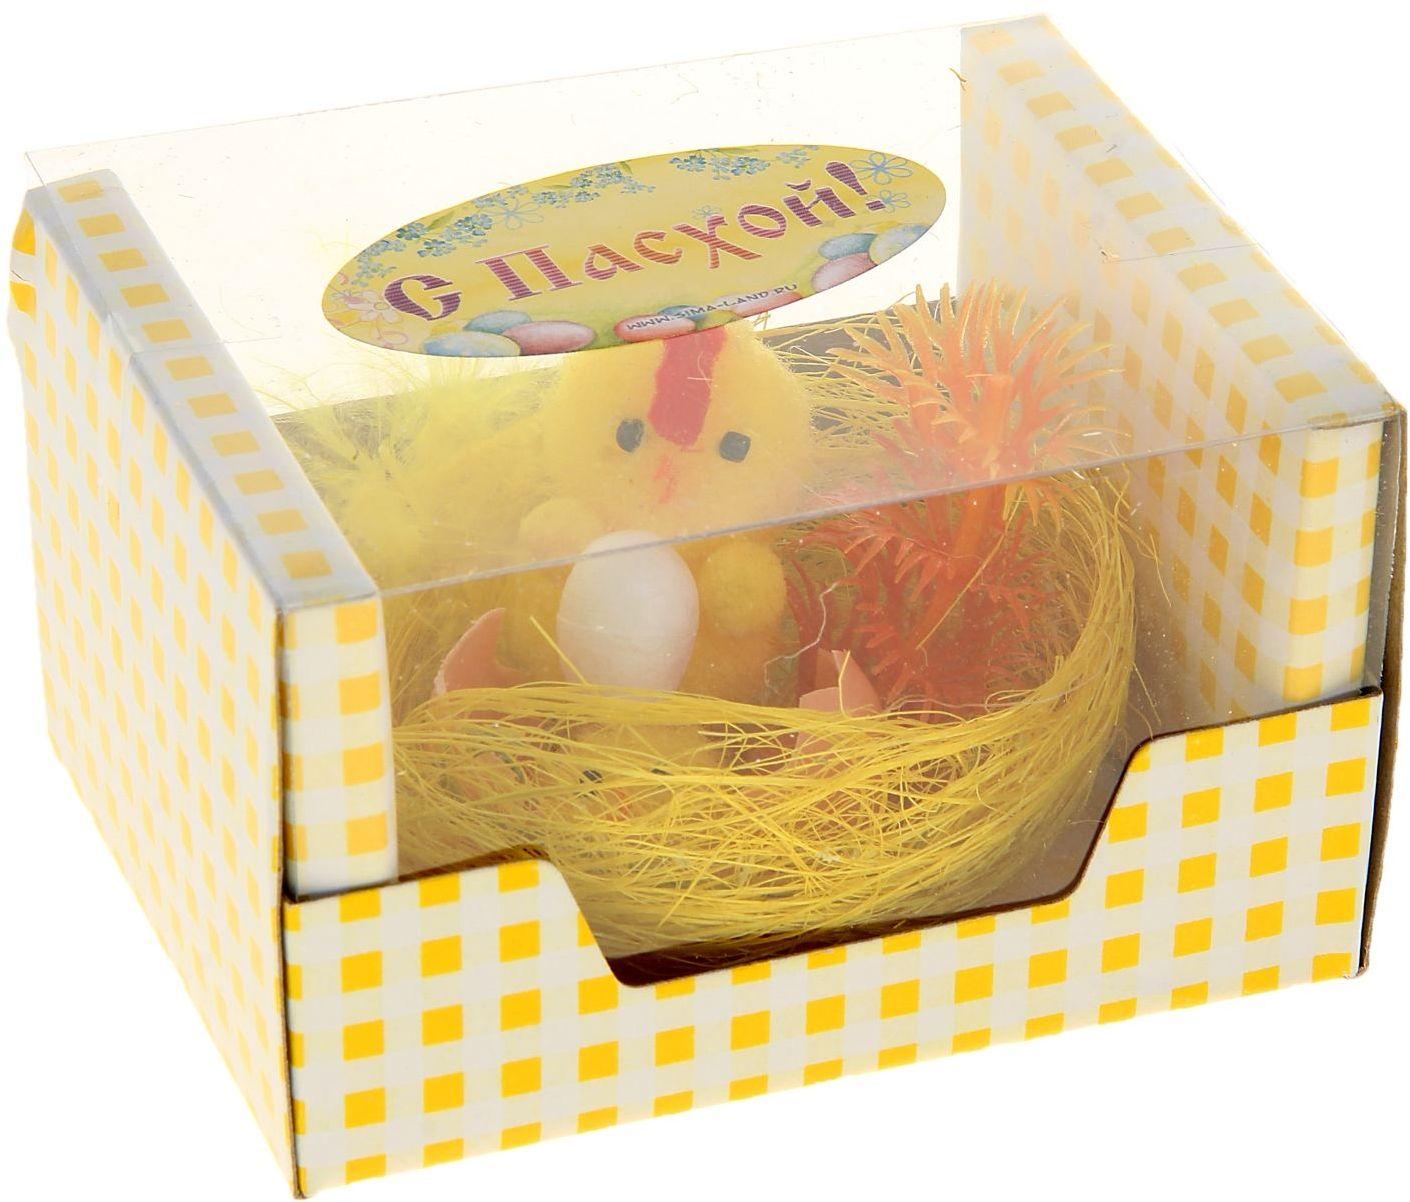 Сувенир пасхальный Sima-land Цыпа с цыпленком в скорлупе и яйцом940040Дарить подарки на Пасху – это такая же традиция, как красить яйца и выпекать куличи. Презенты вдвойне приятнее, если они несут в себе сакральный смысл и имеют какое-то значение.Сувенир Цыпа с цыпленком в скорлупе и яйцом - это символ возрождения и непрерывности жизни. С его помощью вы сможете украсить жилище, преподнести его близкому человеку или использовать при сервировке стола всю пасхальную неделю. Кроме того, пасхальные цыплята нравятся маленьким деткам.